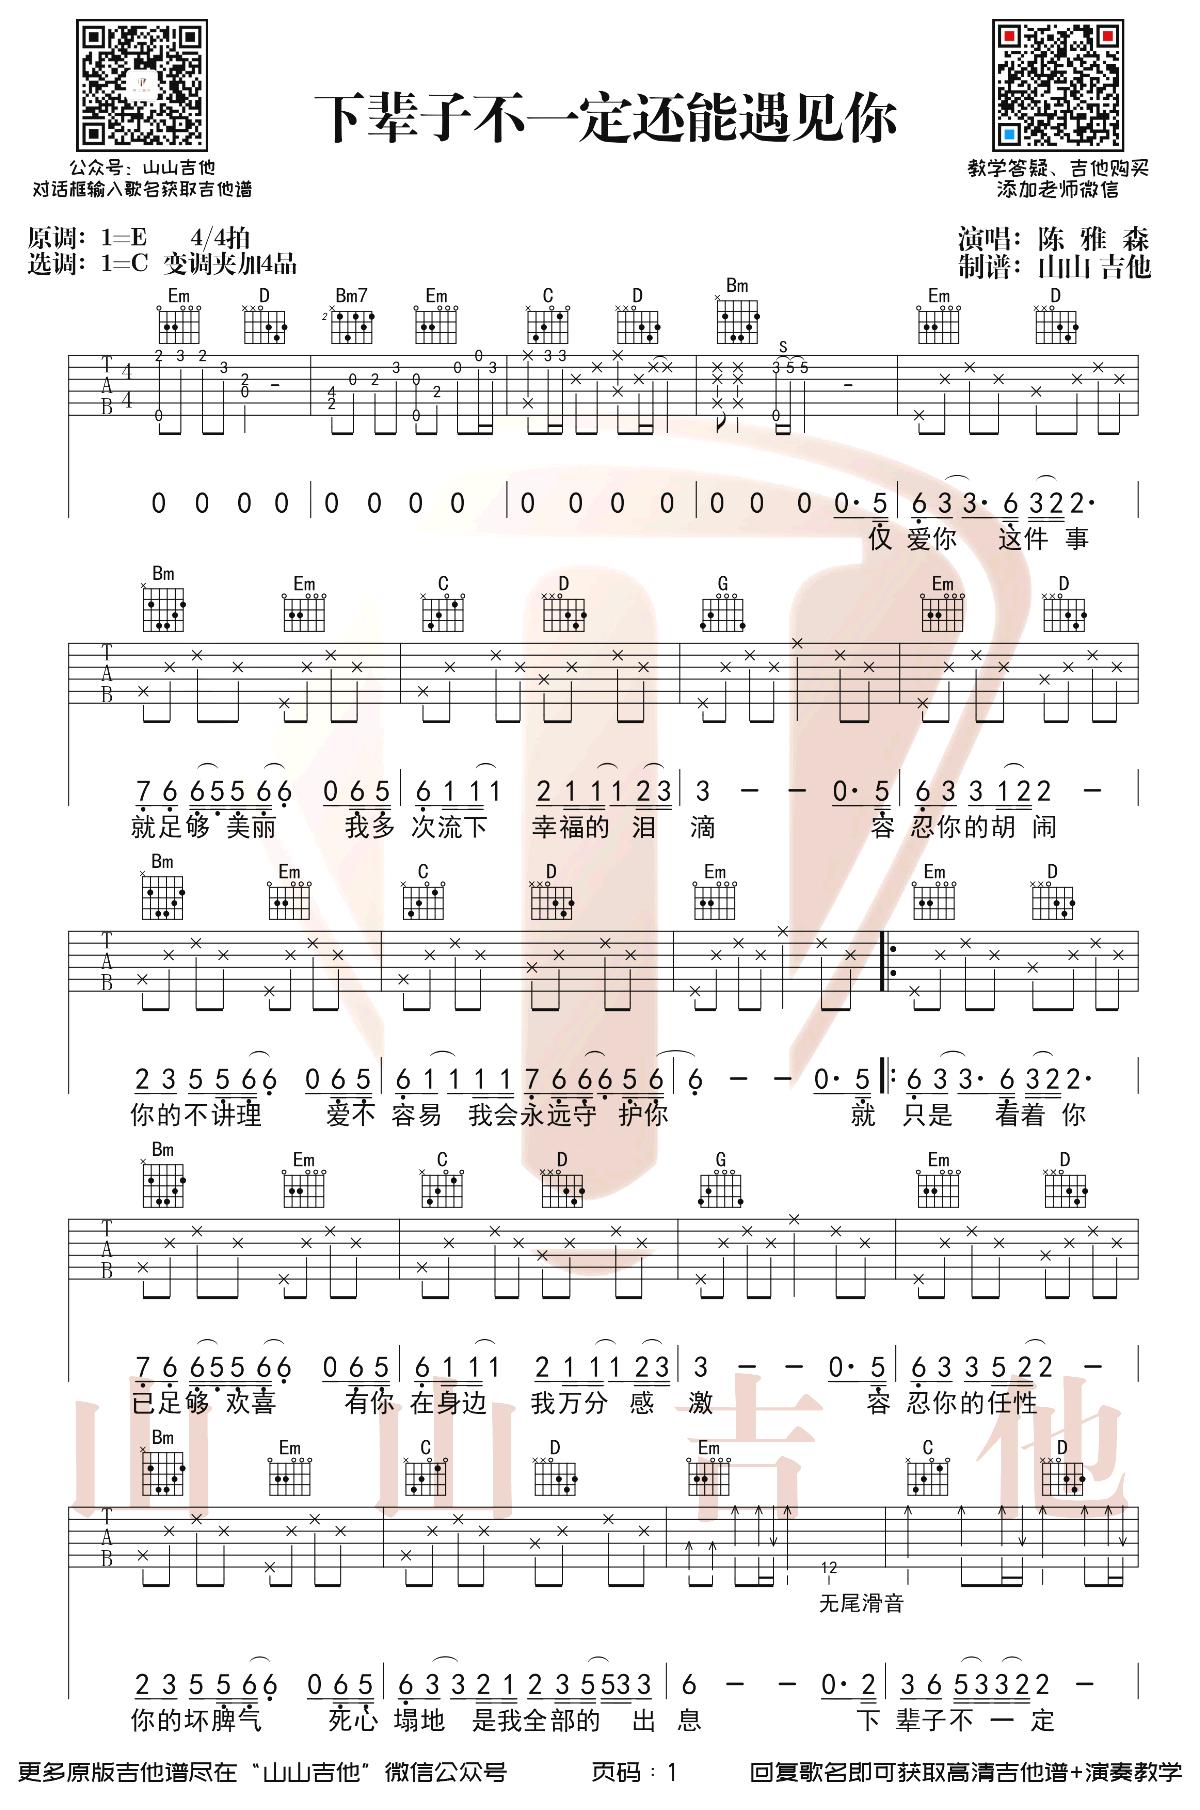 陈雅森-下辈子不一定还能遇见你吉他谱-1